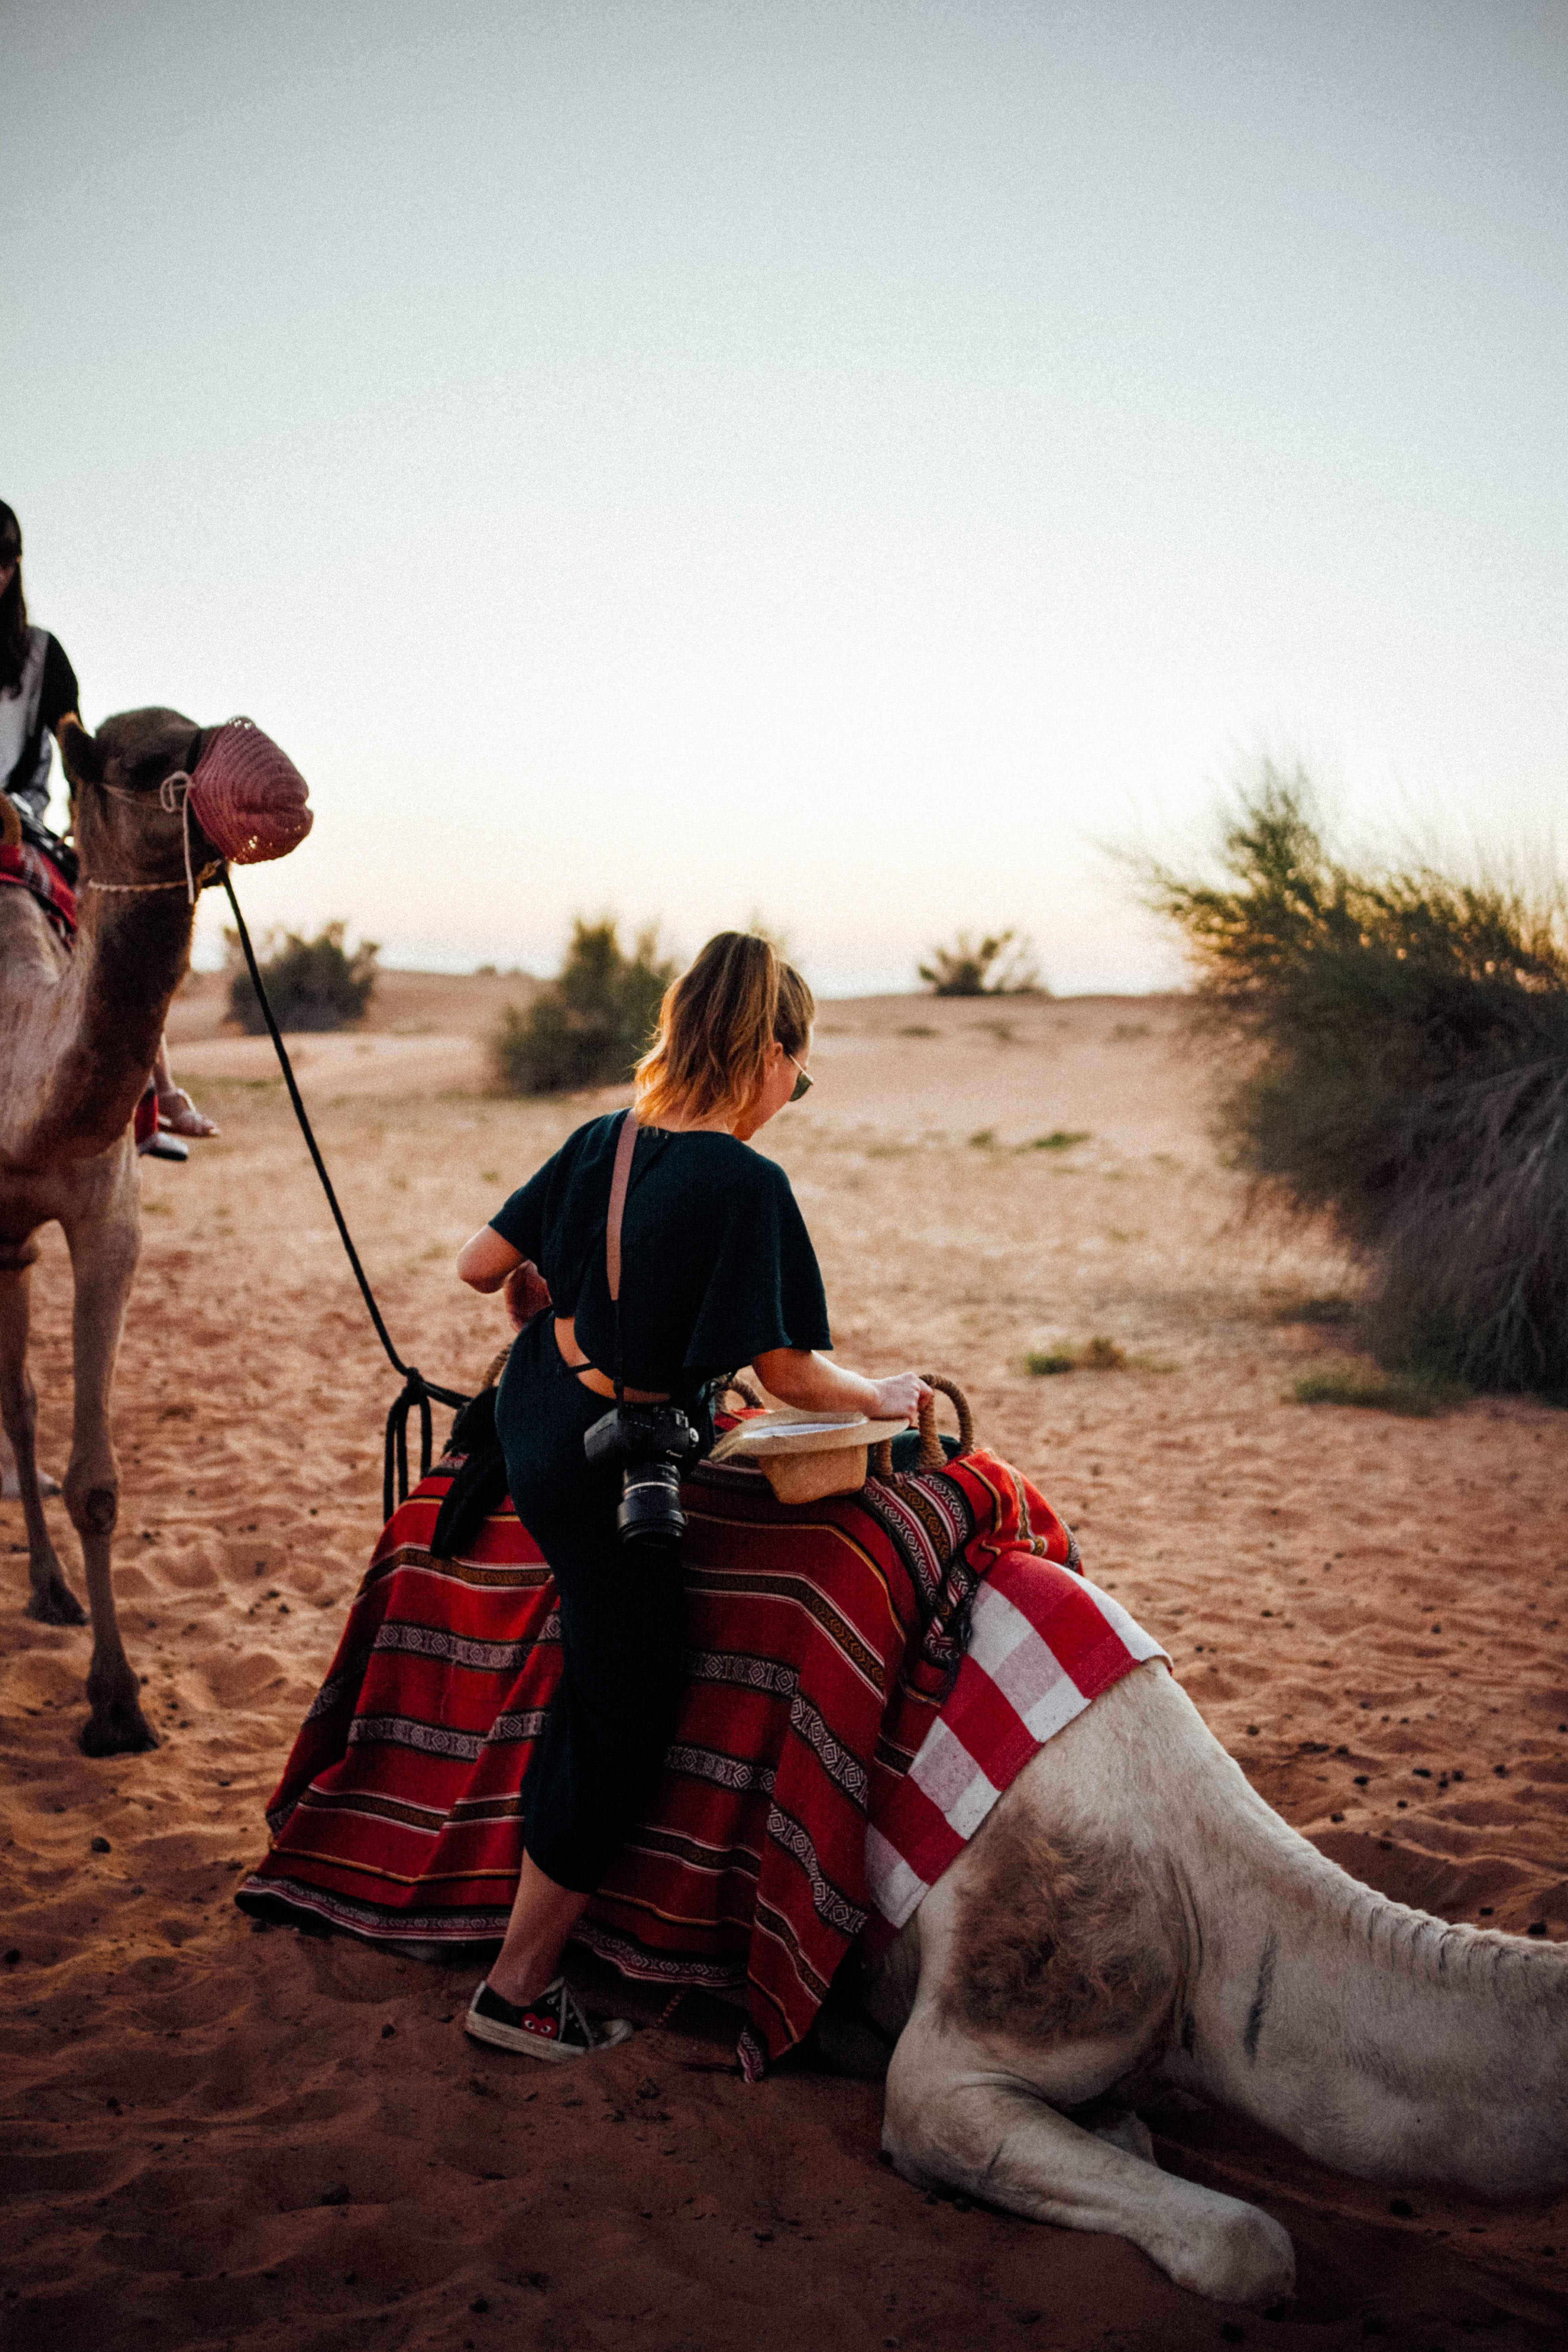 megandcook-emirates-lois-13-1-sur-1